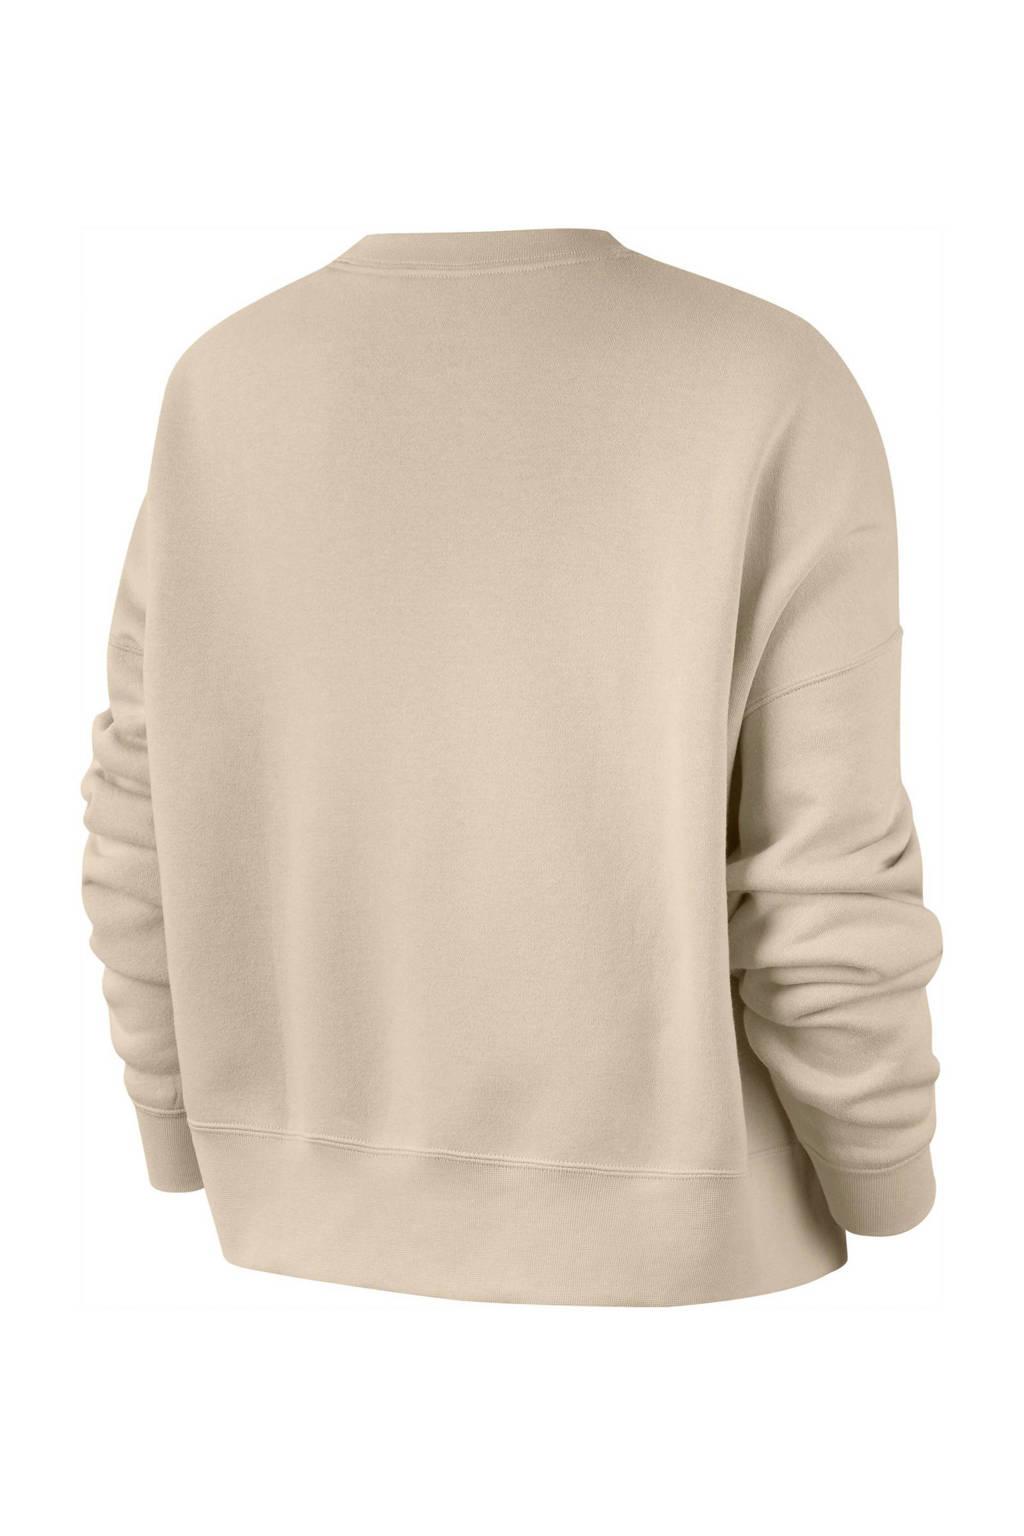 Nike sweater beige, Beige